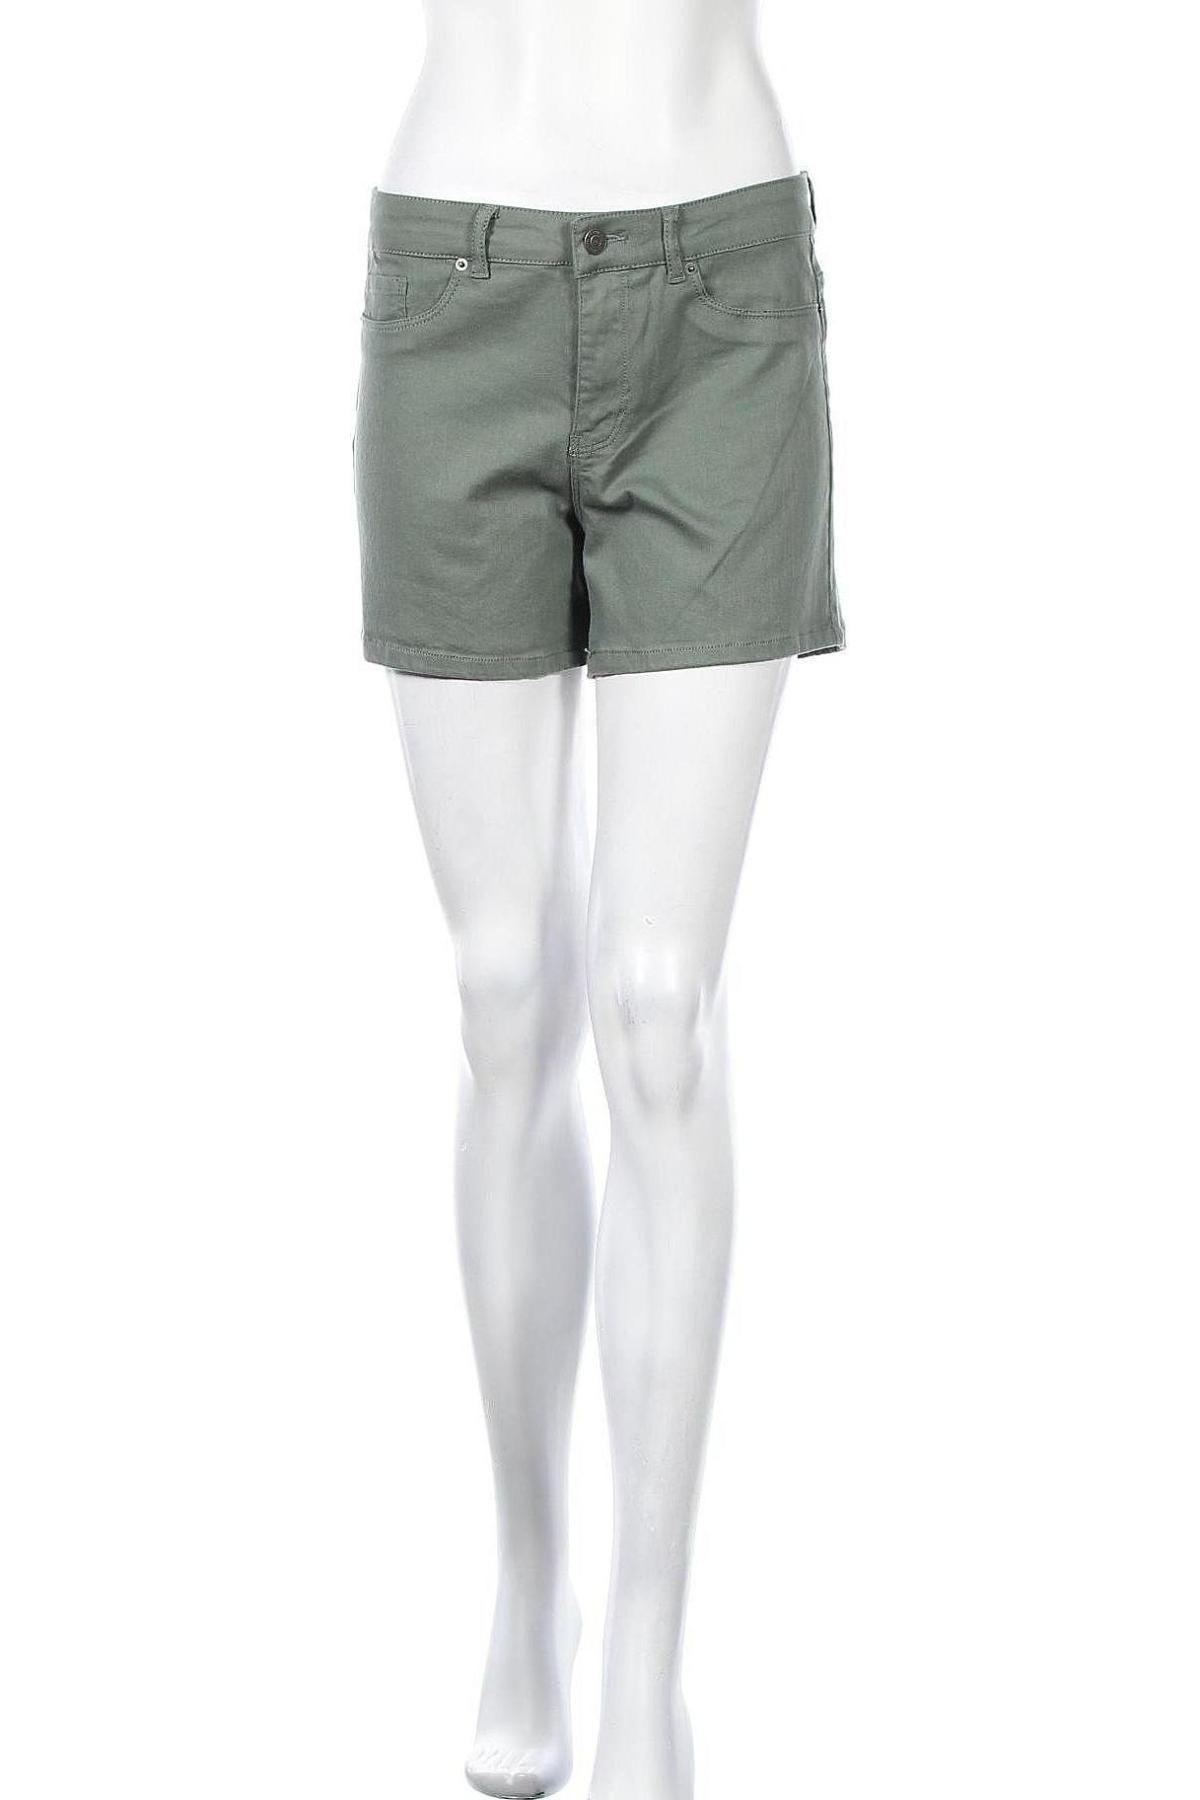 Γυναικείο κοντό παντελόνι Vero Moda, Μέγεθος M, Χρώμα Πράσινο, Τιμή 15,54€